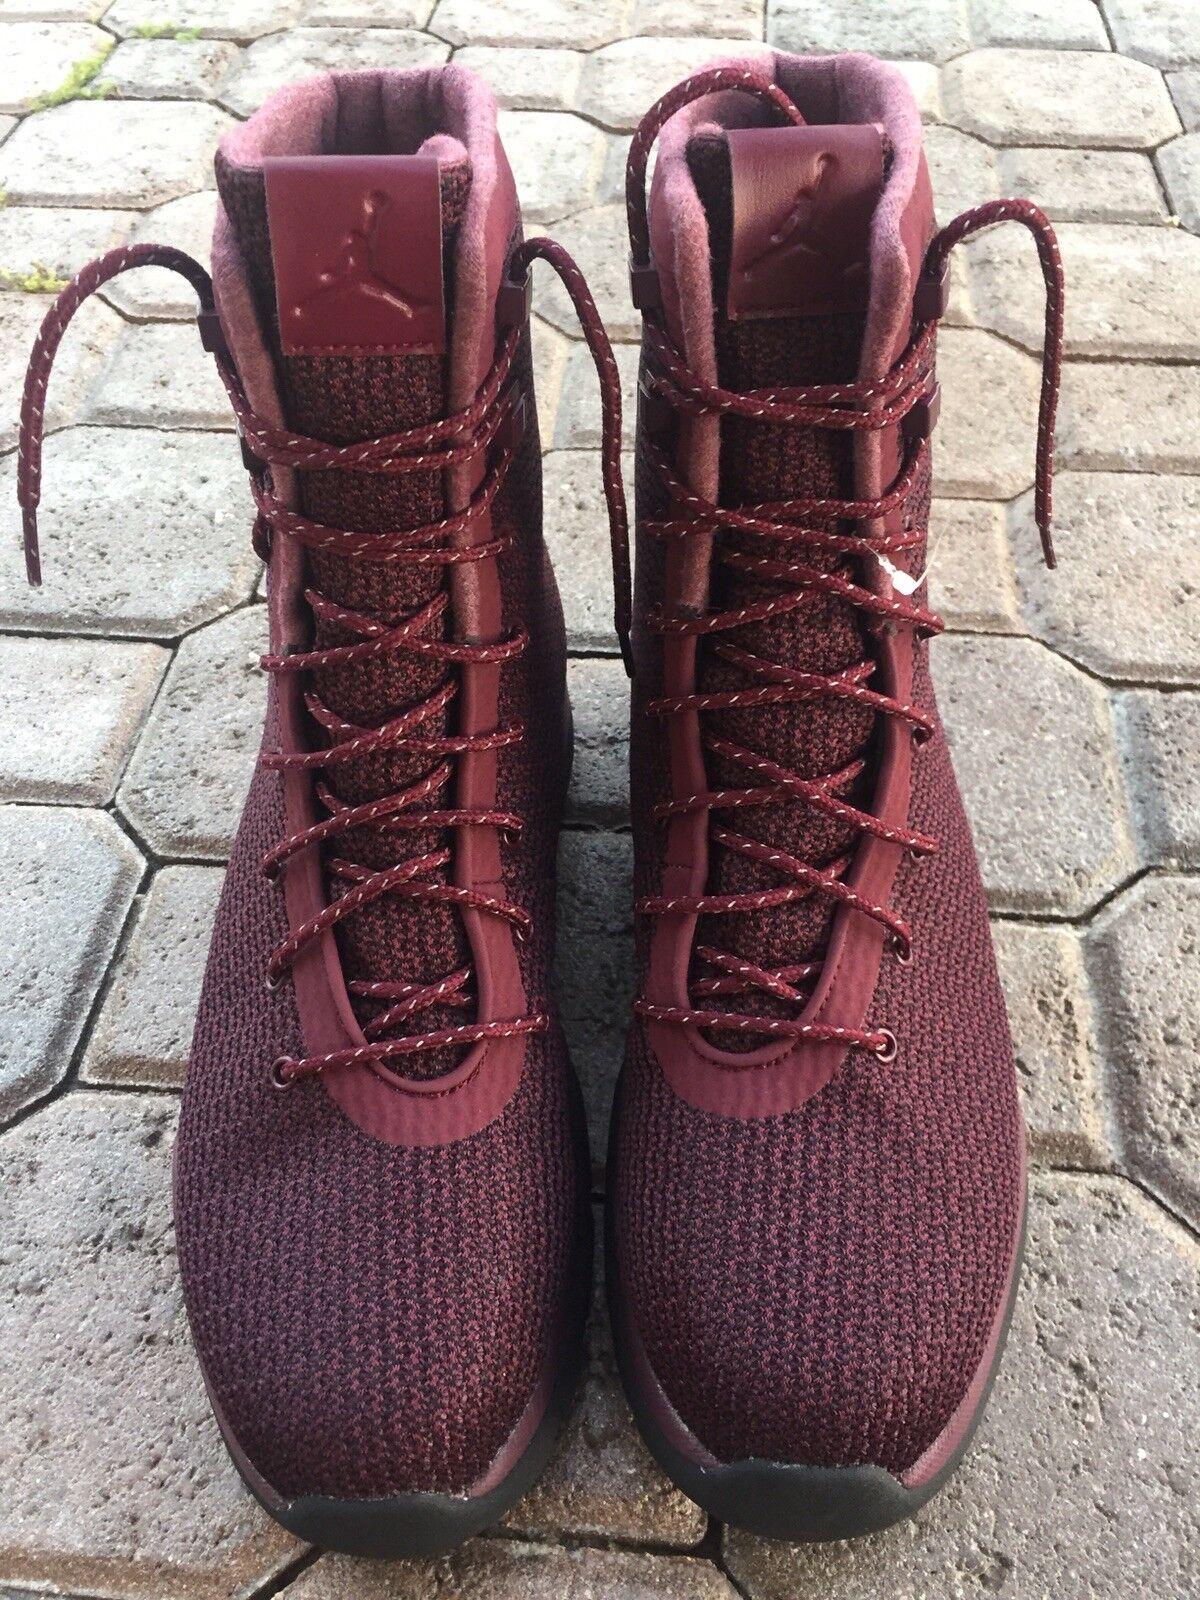 Nike air jordan zukunft stiefel größe 12 nacht maroon burgund rot - schwarz 854554-600